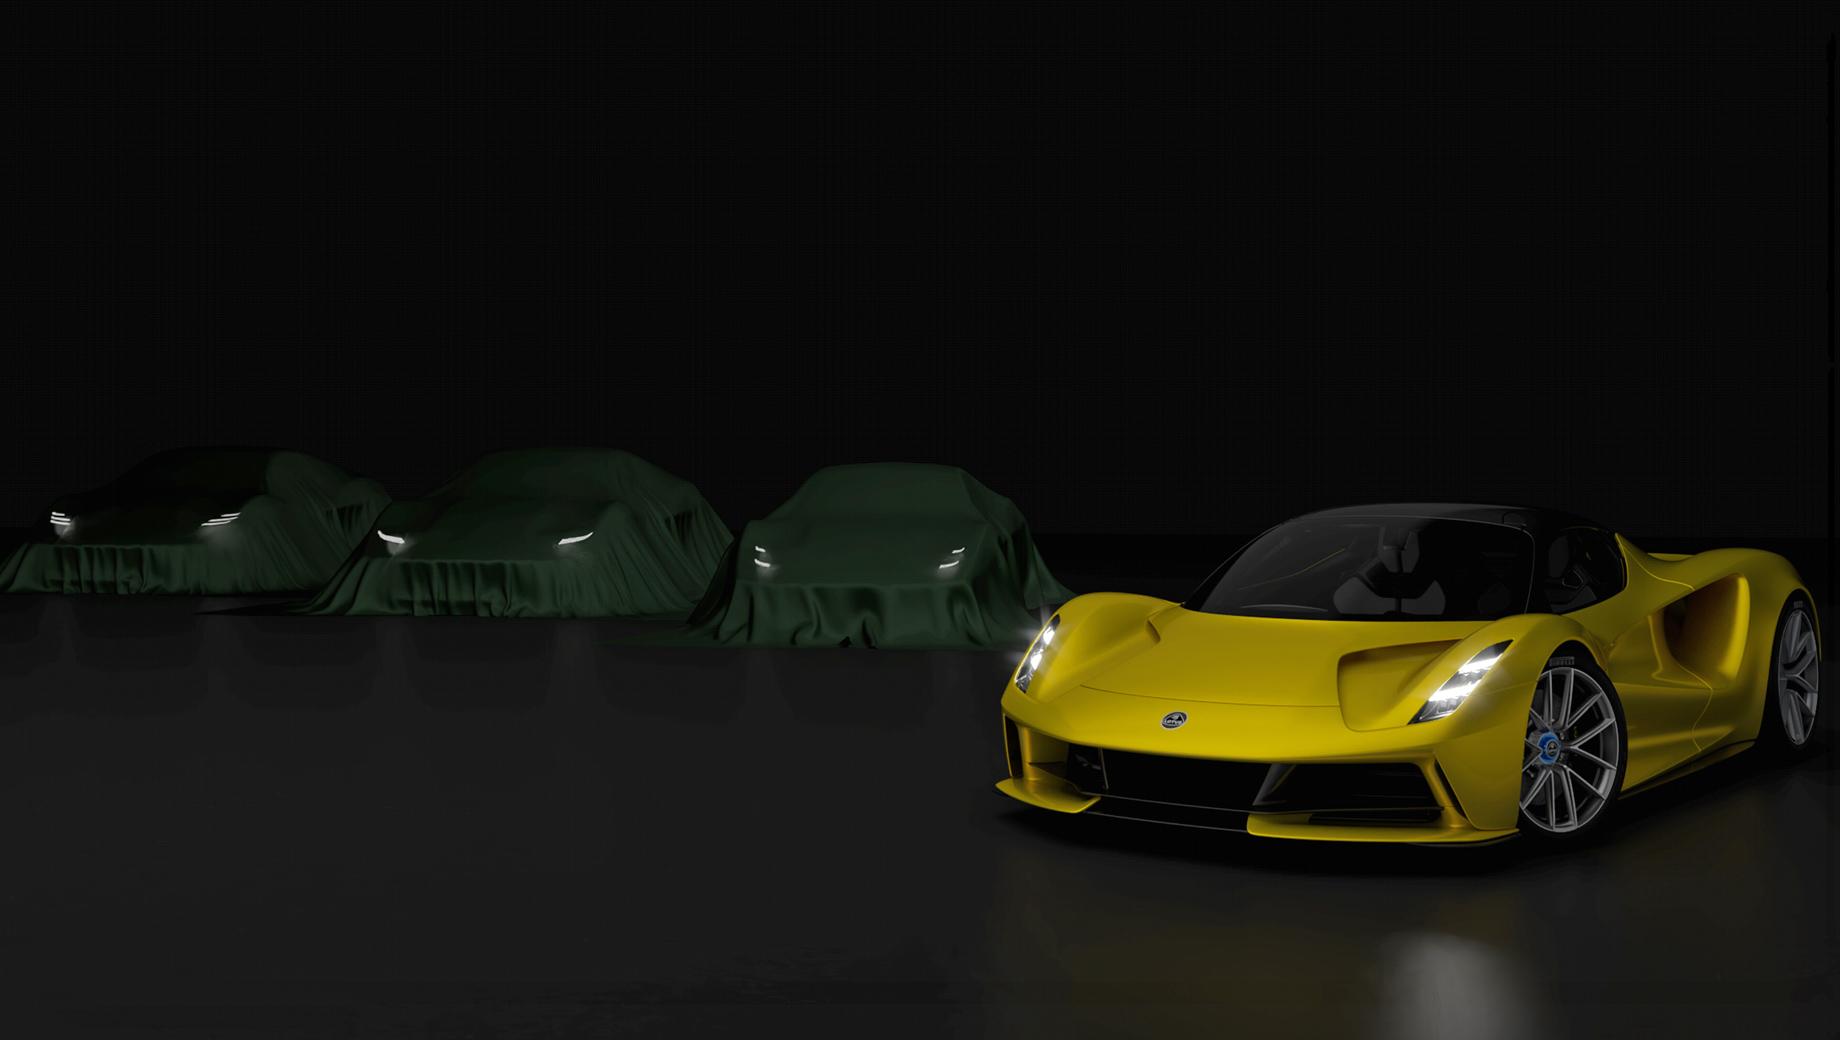 Lotus type 131,Lotus elise,Lotus exige,Lotus evora,Lotus esprit. Грядущее семейство двухдверок Lotus будет состоять из трёх машин, по всей видимости продолжающих стиль электрического гиперкара Evija. Или это три конфигурации по сути одной машины, отличающихся дизайном.